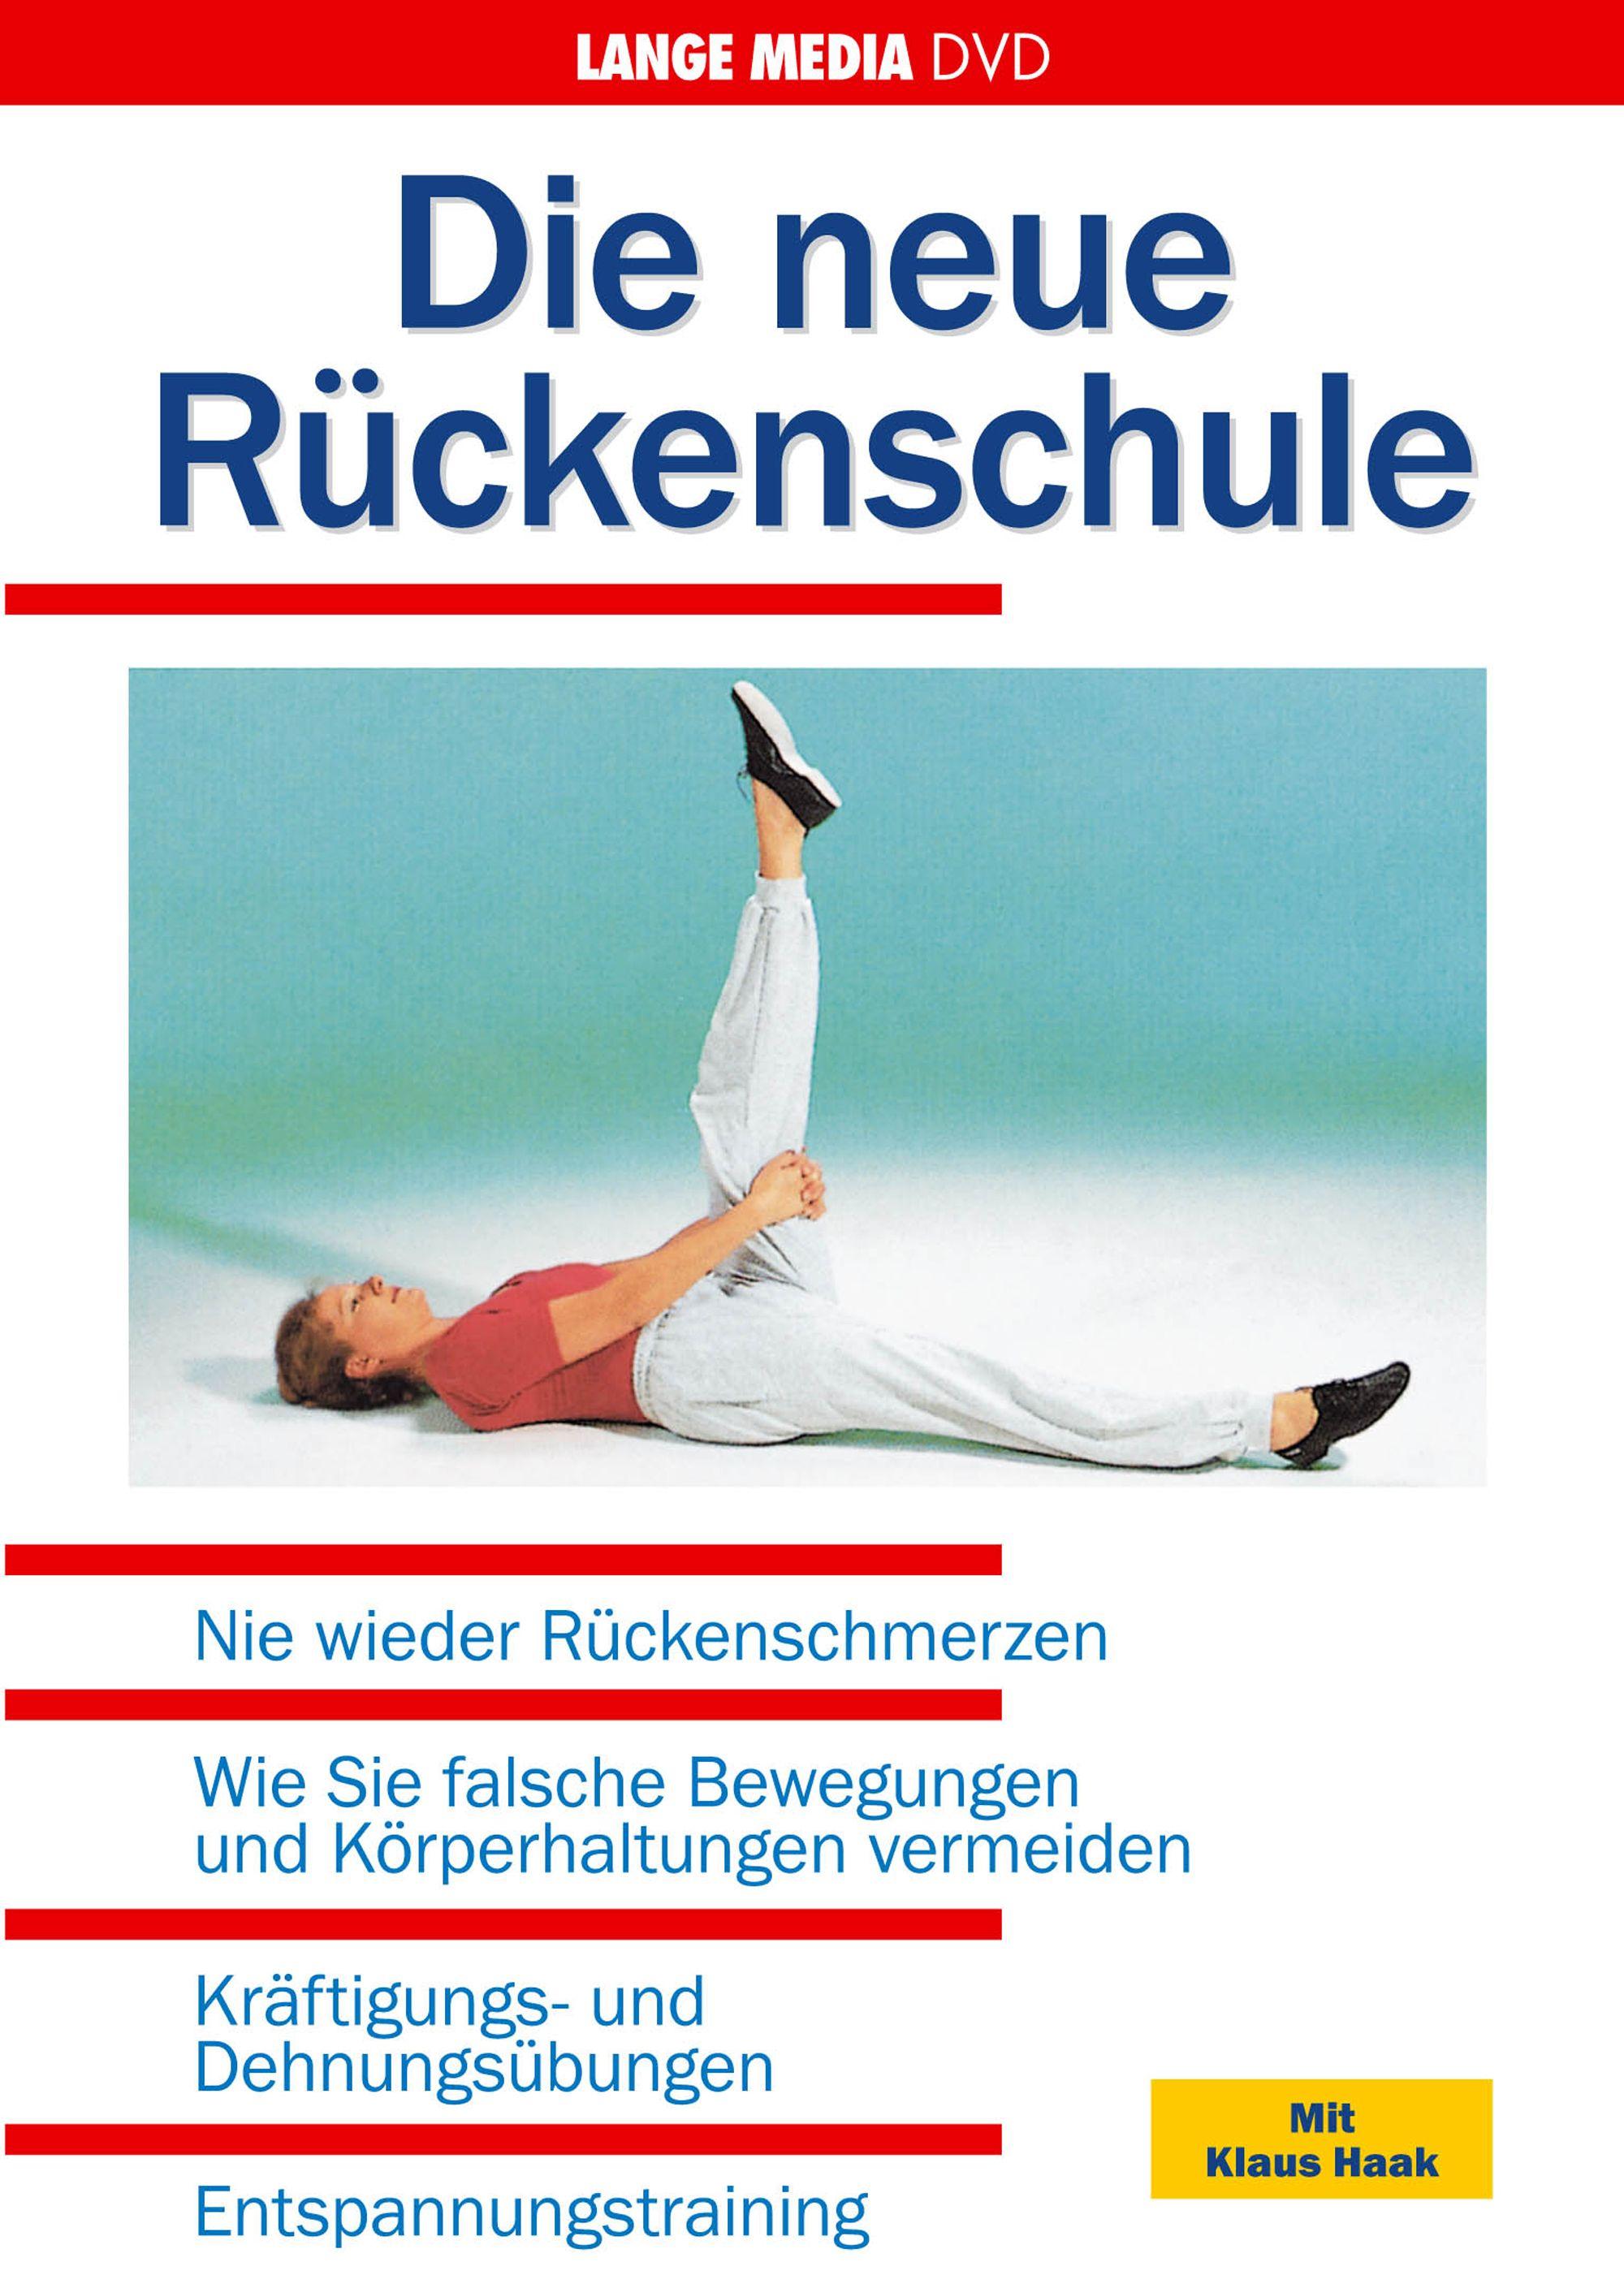 Die neue Rückenschule - Nie wieder Rückenschmerzen von Haak, Klaus: